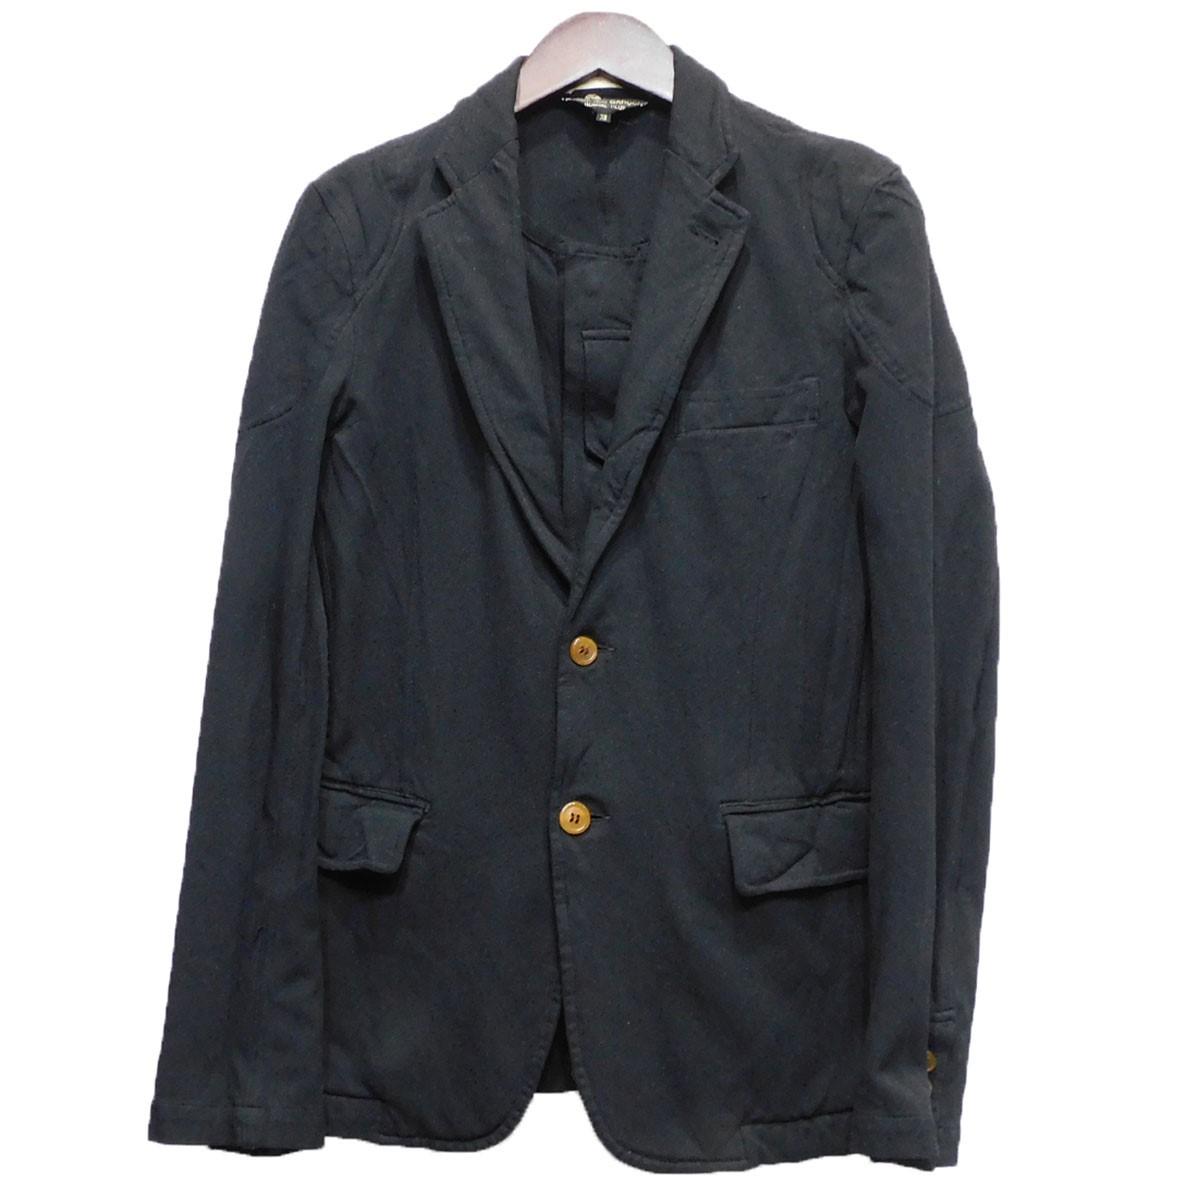 【中古】COMME des GARCONS HOMME PLUS10AW ベストレイヤードポリ縮ジャケット ブラック サイズ:XS 【5月11日見直し】